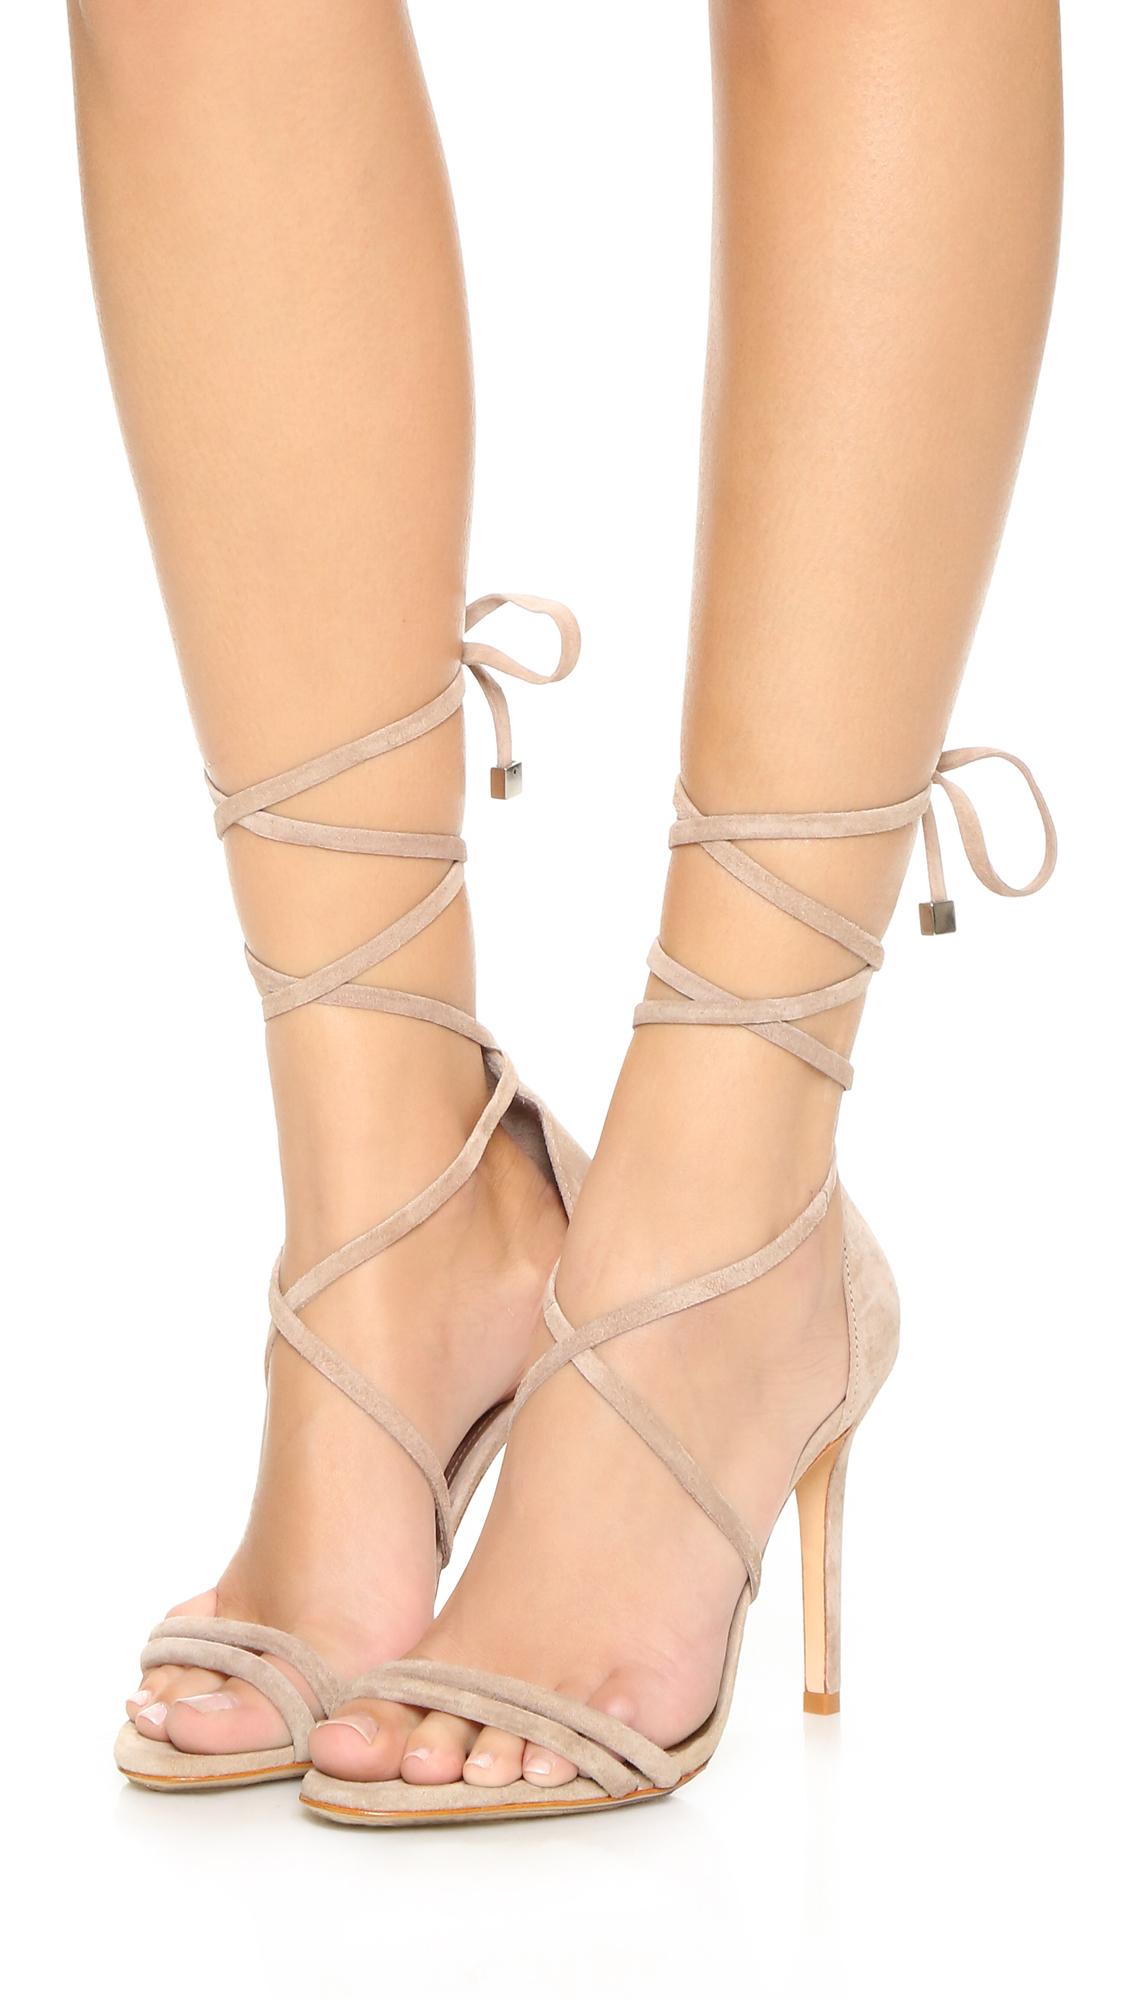 940898e379a7a9 Schutz Lola Suede Ankle Wrap Sandals